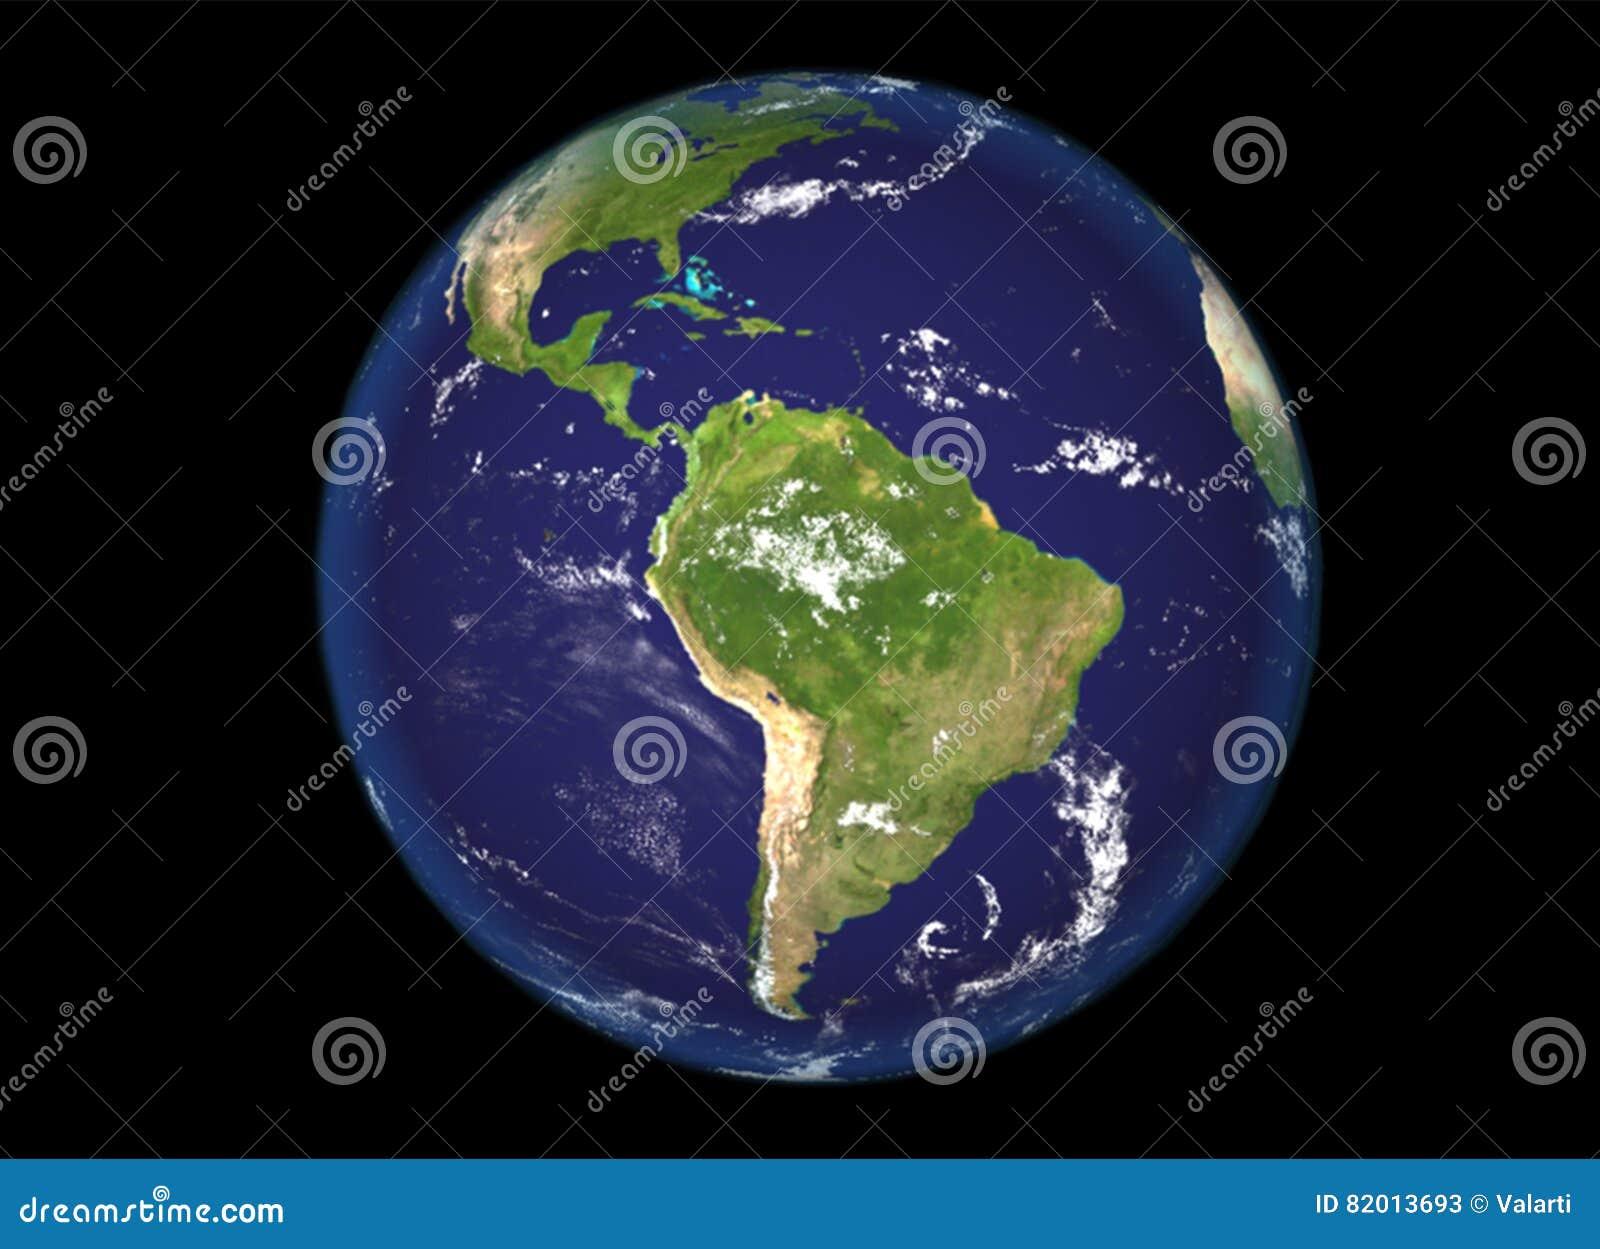 Norte del globo y ejemplo de Suramérica, 3d, textura de la tierra de la NASA